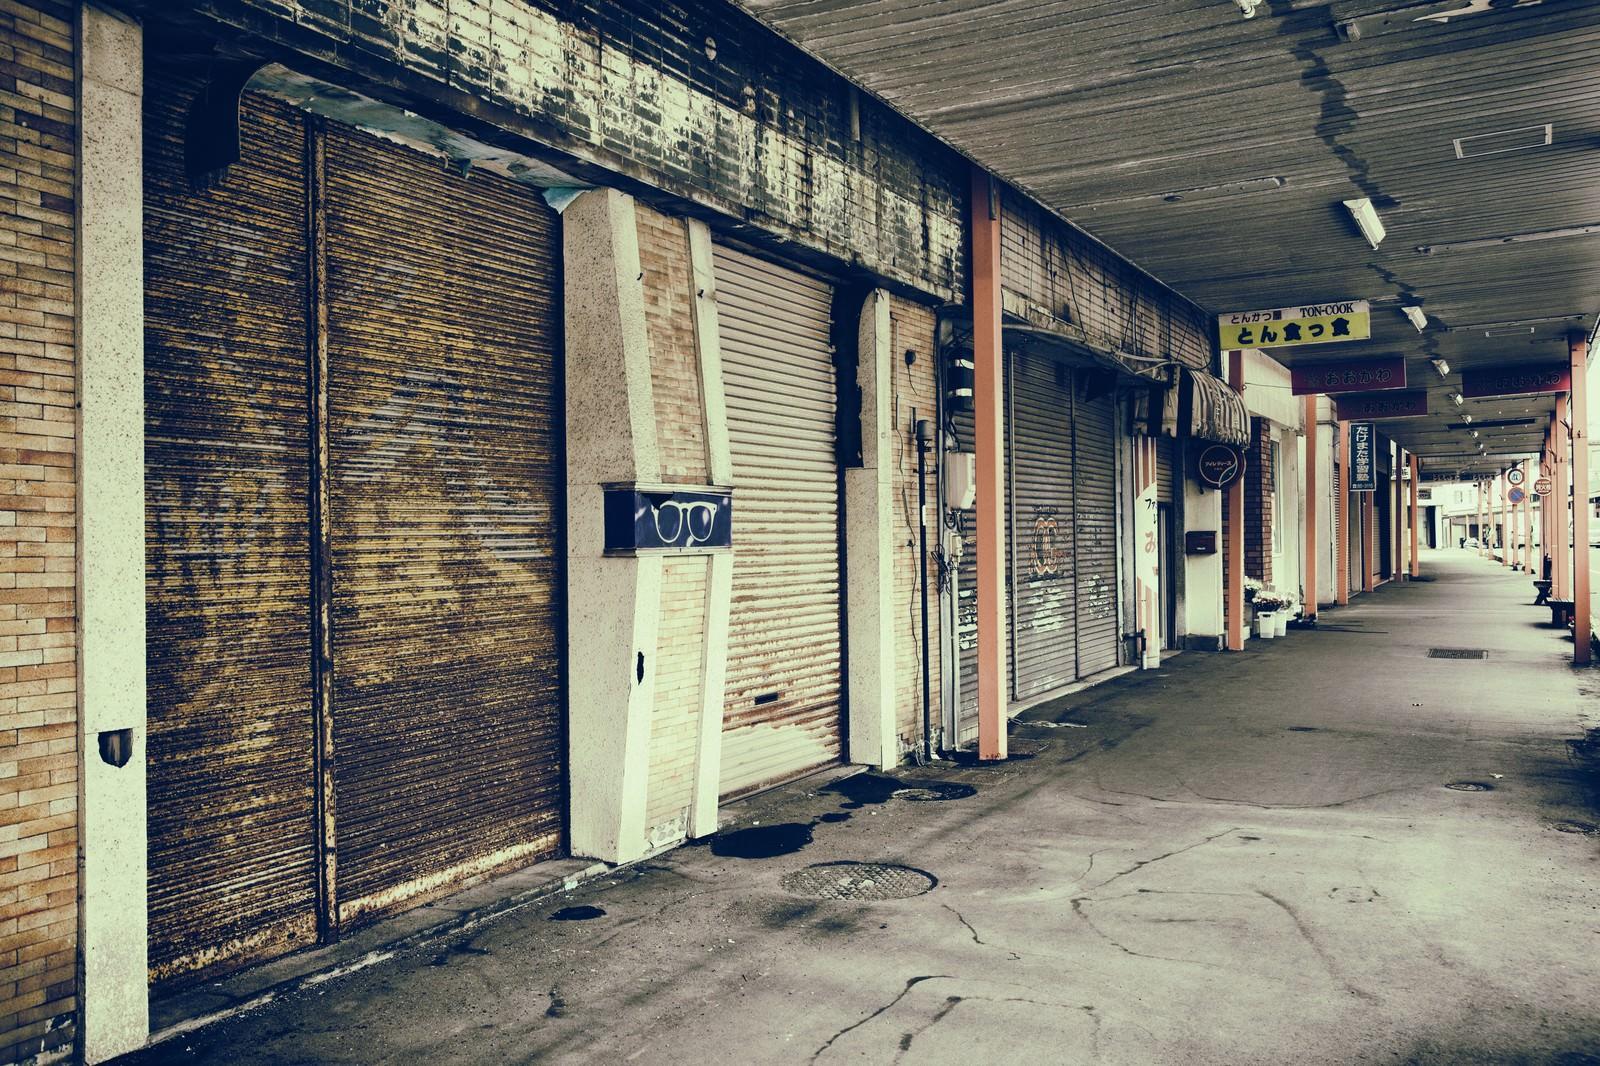 「室蘭のシャッター街」の写真